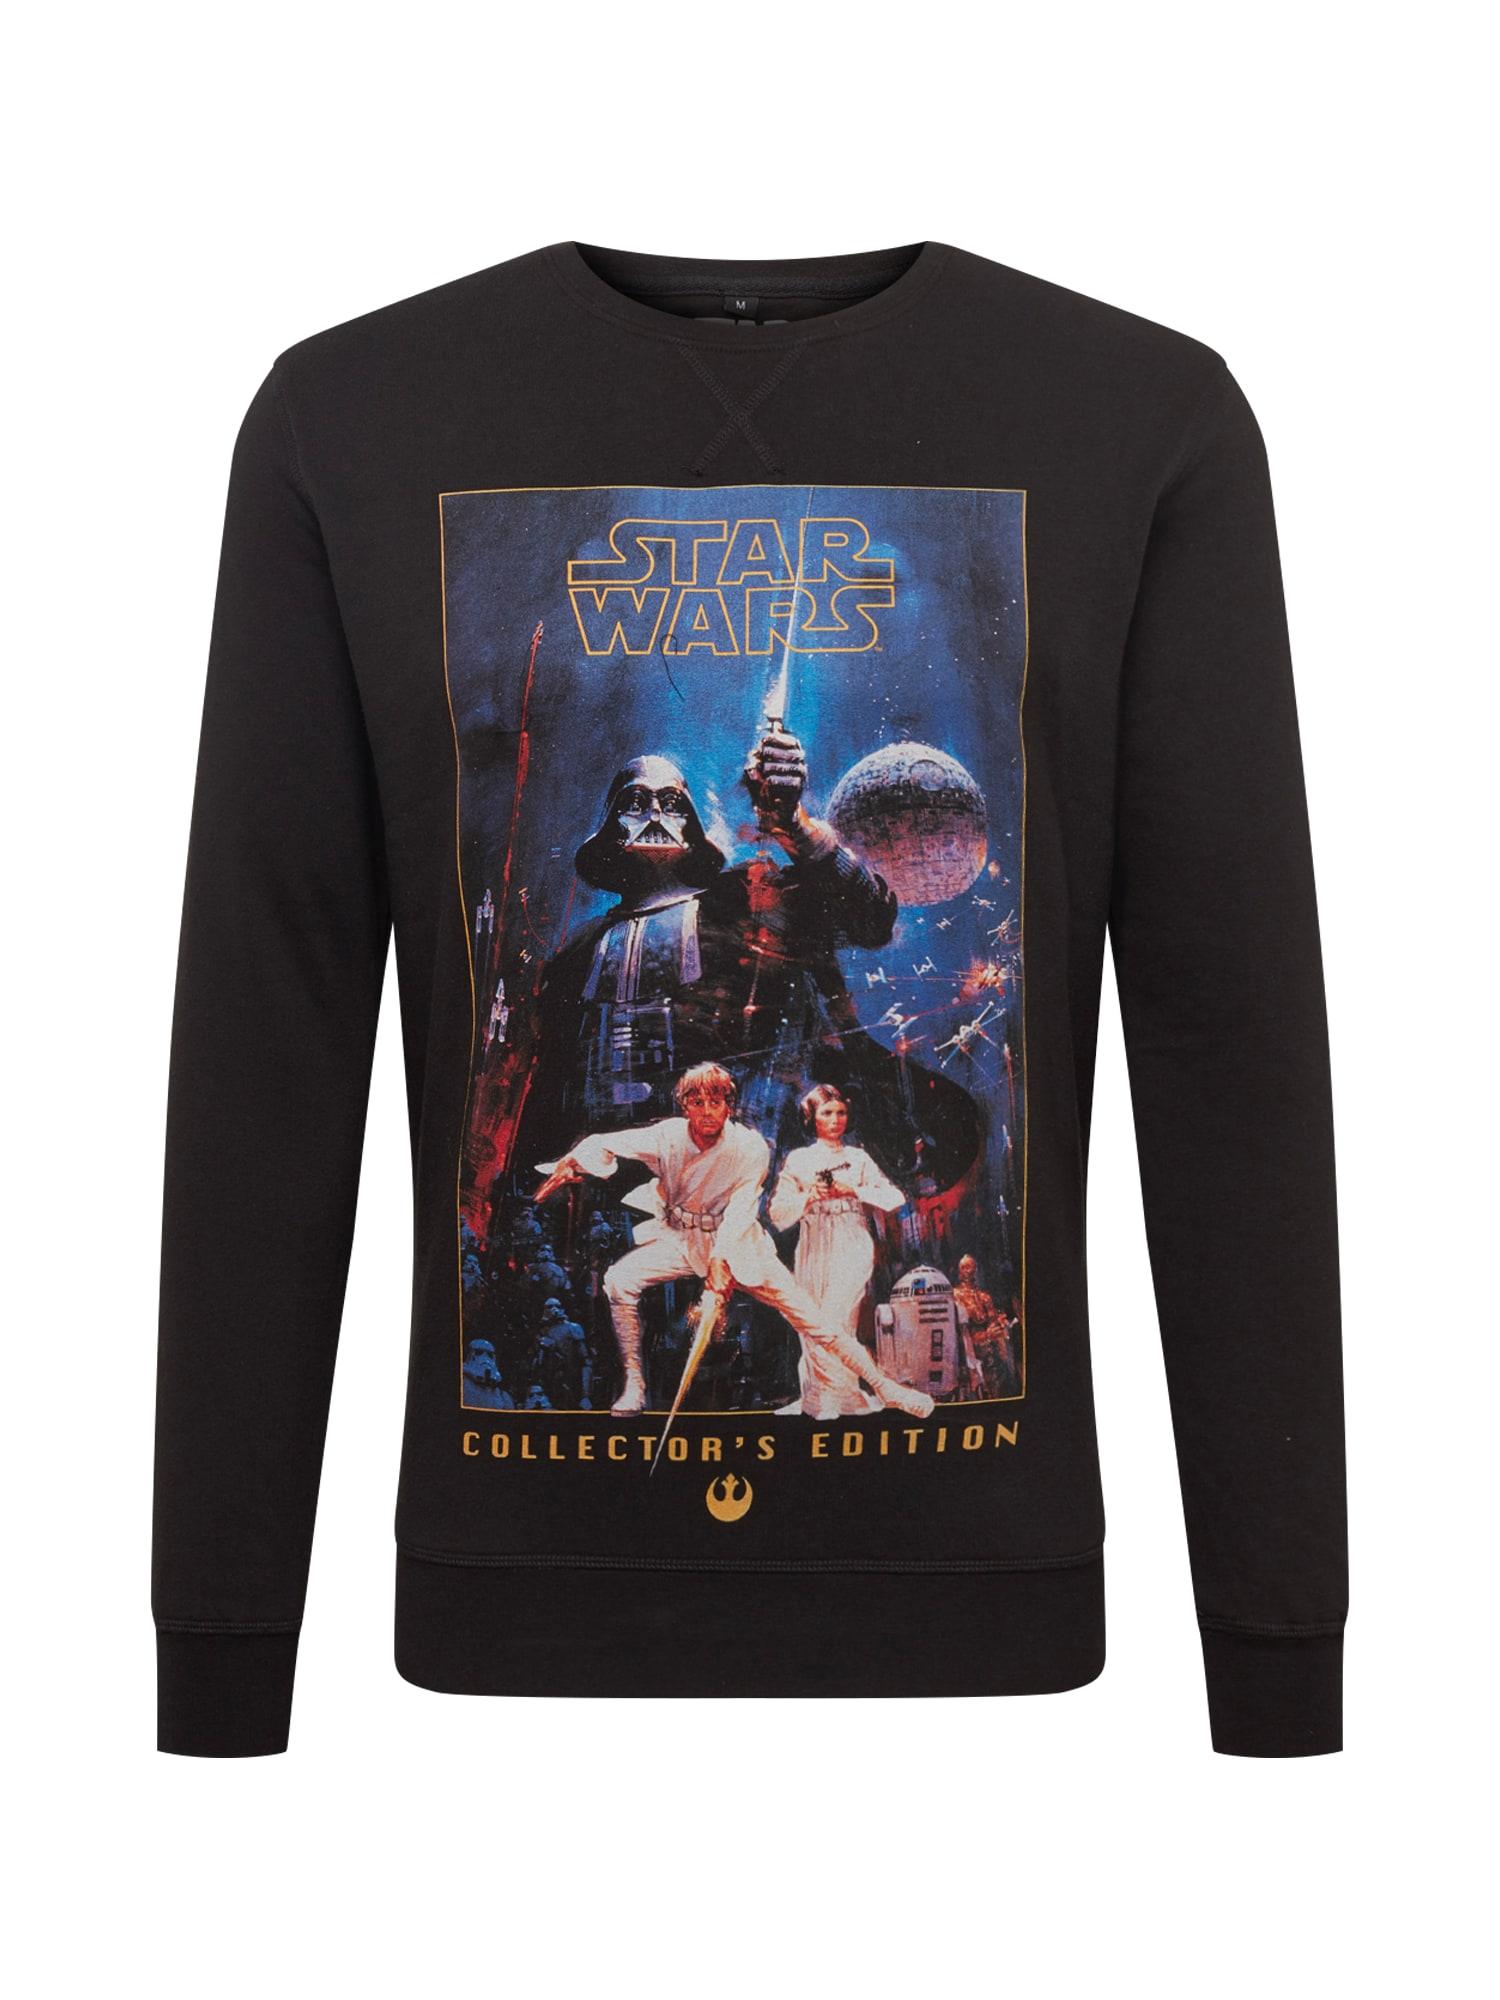 Tričko Star Wars Poster Collectors Edition Crewneck modrá černá Mister Tee